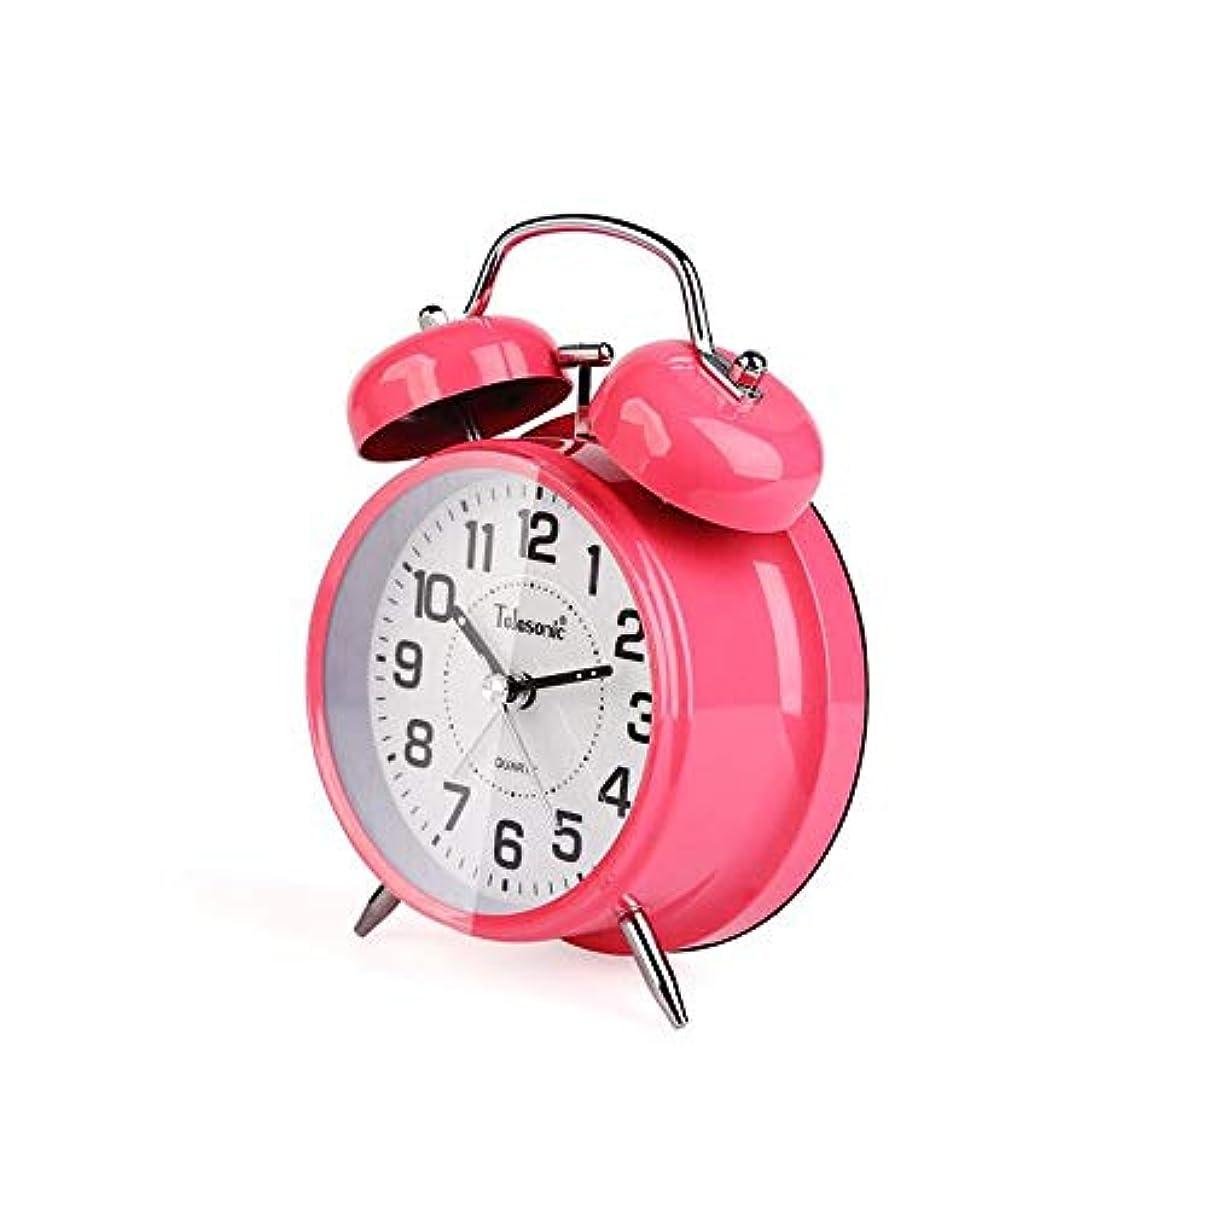 赤外線境界特異性Kaiyitong001 目覚まし時計、メタルベルの目覚まし時計、シンプルで静かなベッドサイド時計、多機能アラームテーブル4インチピンク、寝室用ベッドサイドクロックに適し、ピンク (Color : Pink)